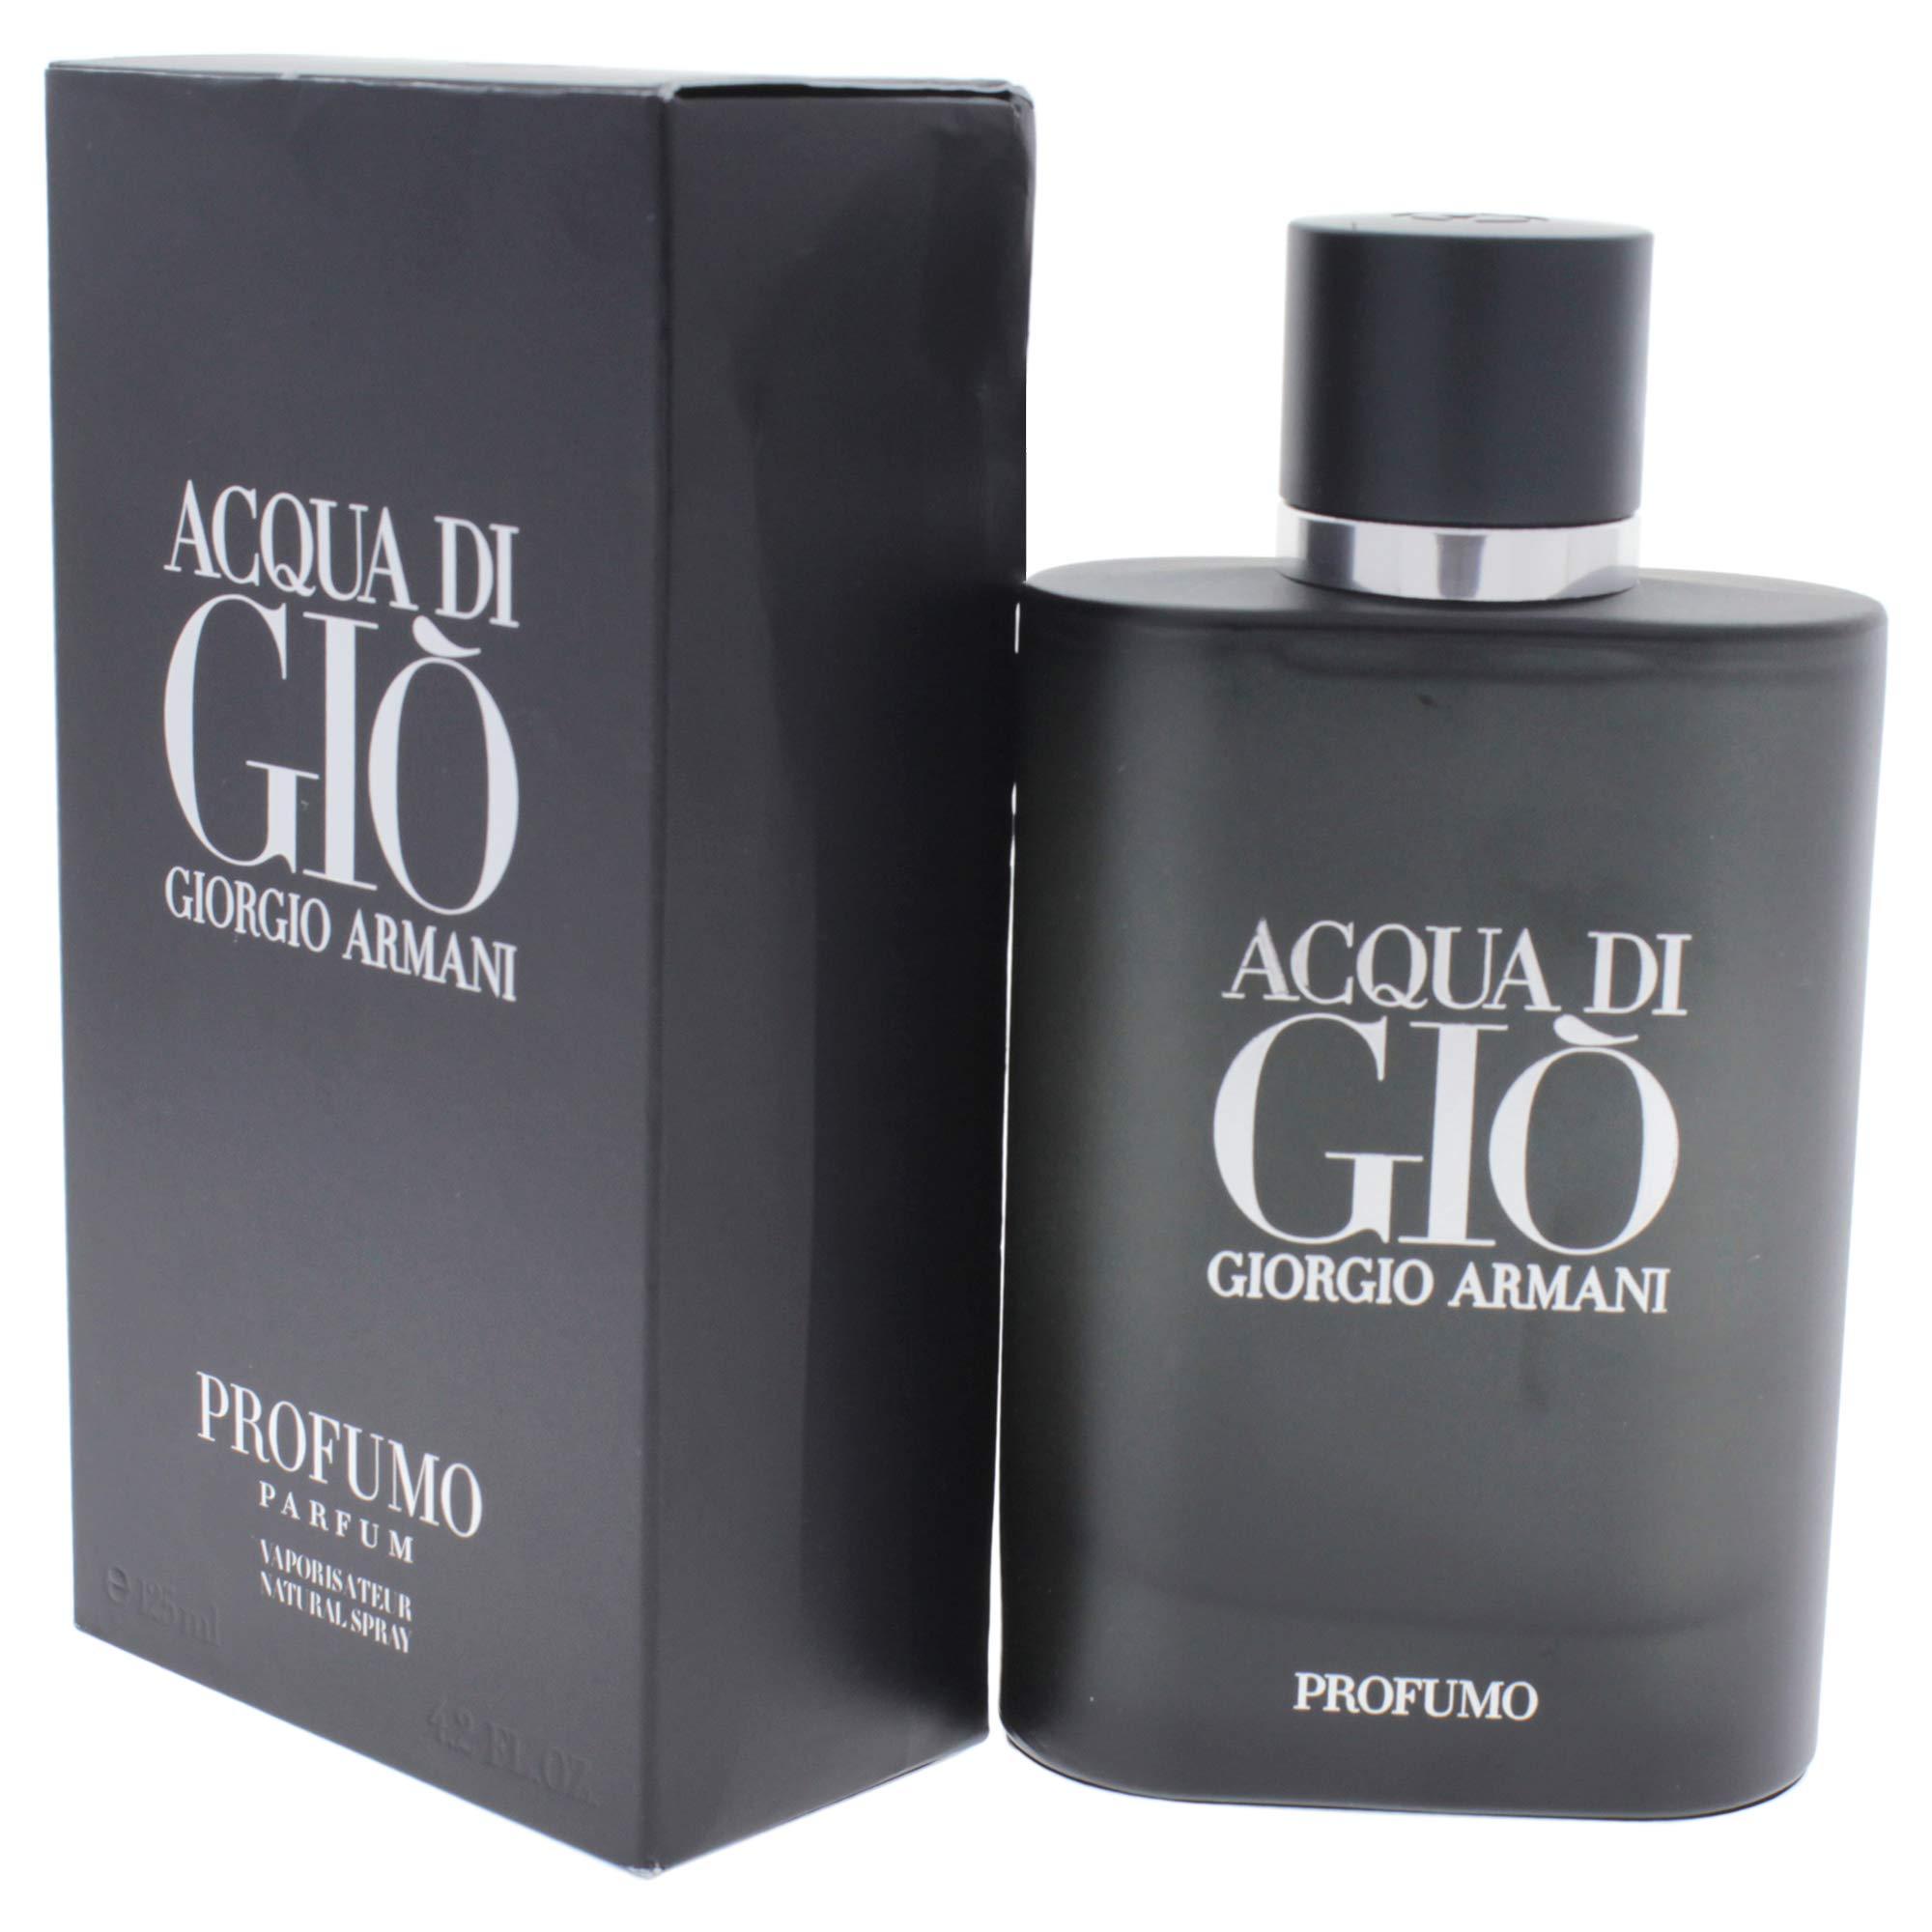 Acqua Di Gio Profumo by Giorgio Armani - perfume for men - Eau de Parfum, 125ml